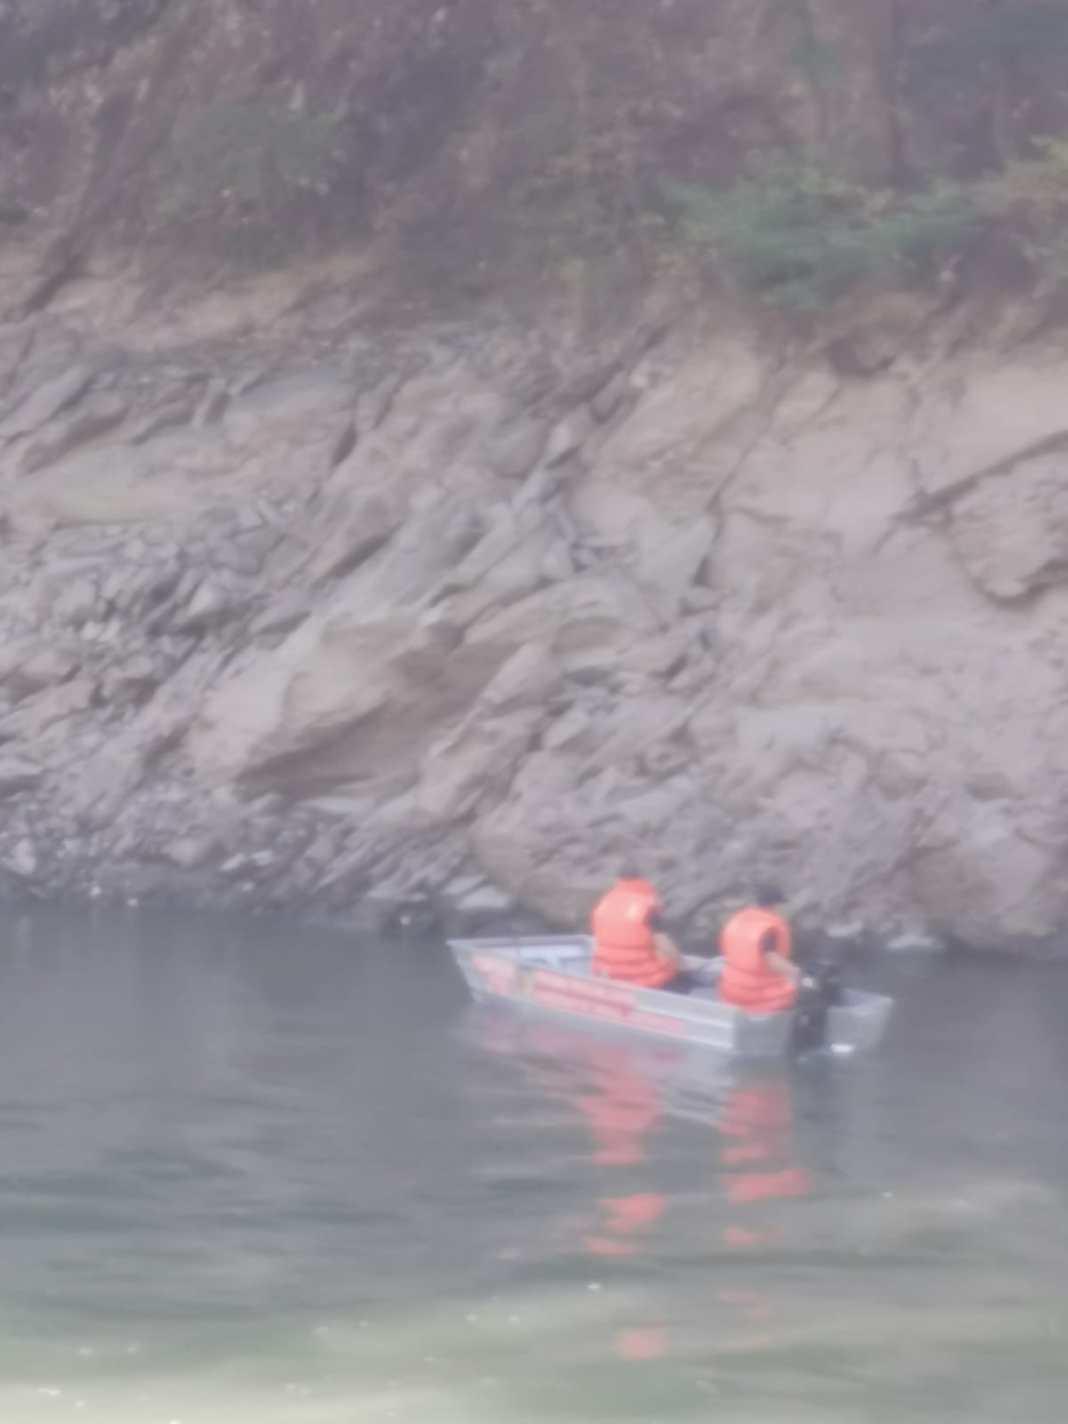 Vâlcea: Un bărbat a căzut în Olt și a rămas blocat între stânci